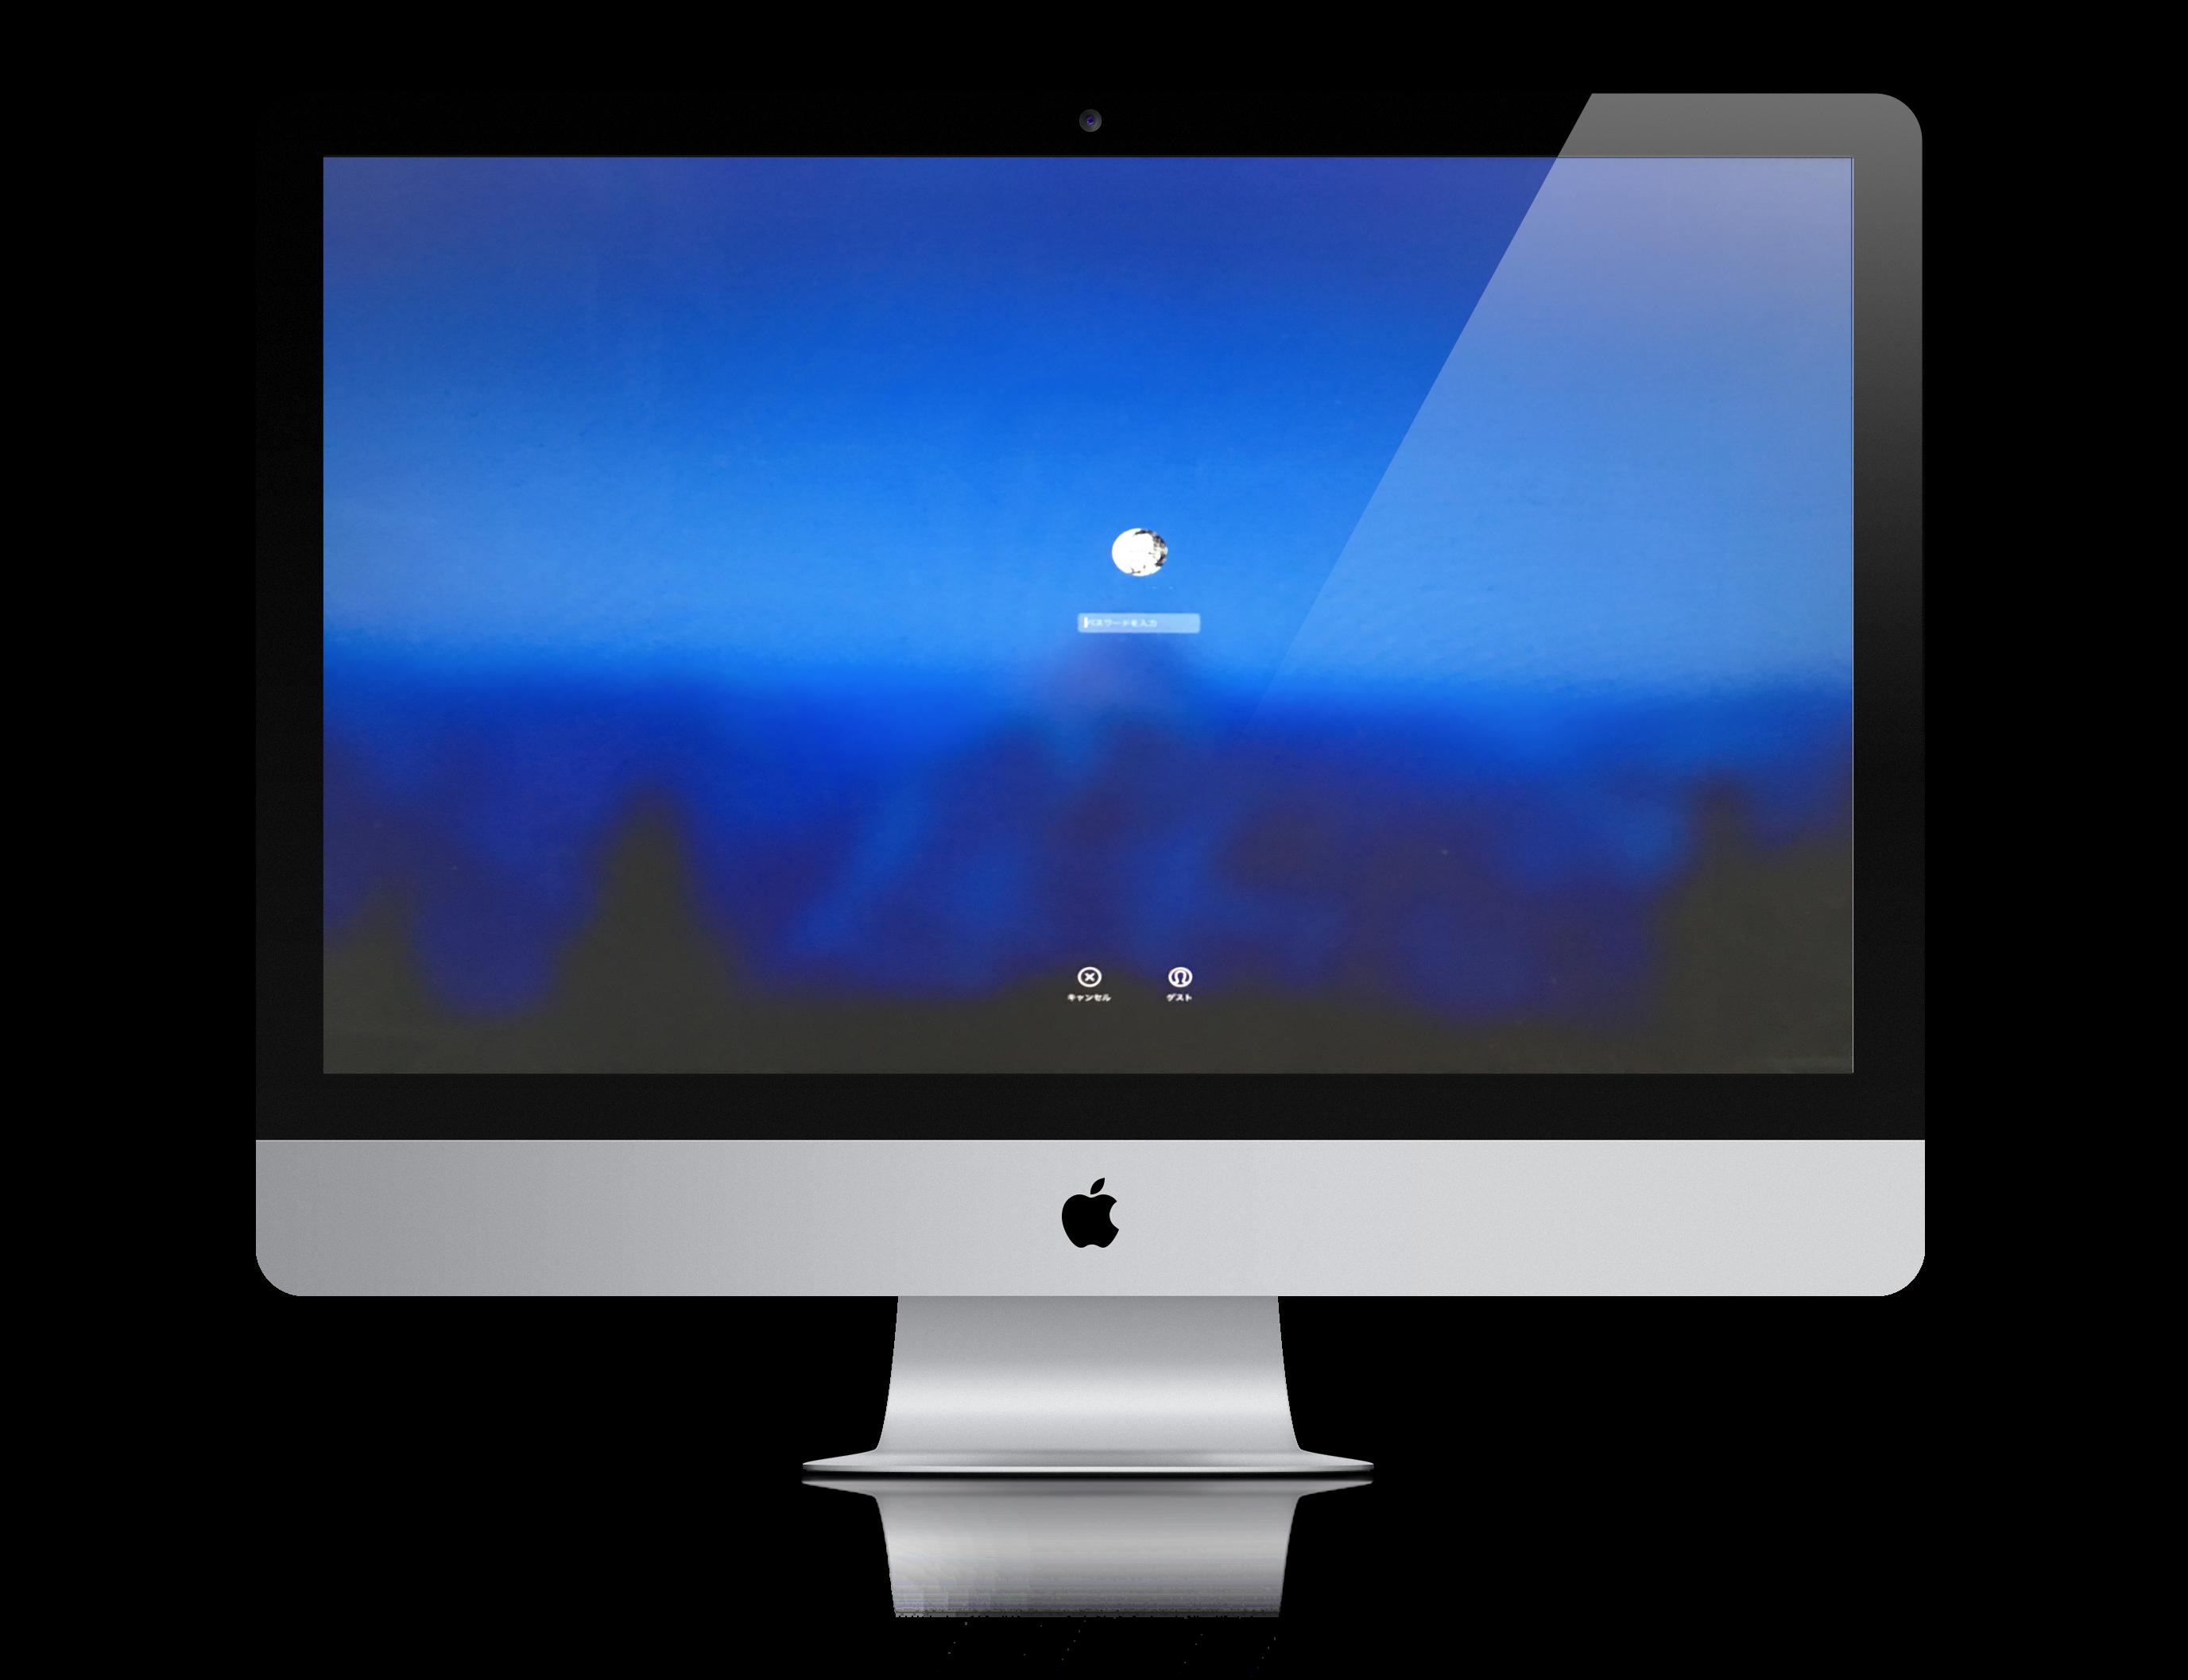 OS X El Capitan、自動でMacにログインできなくなってしまった場合